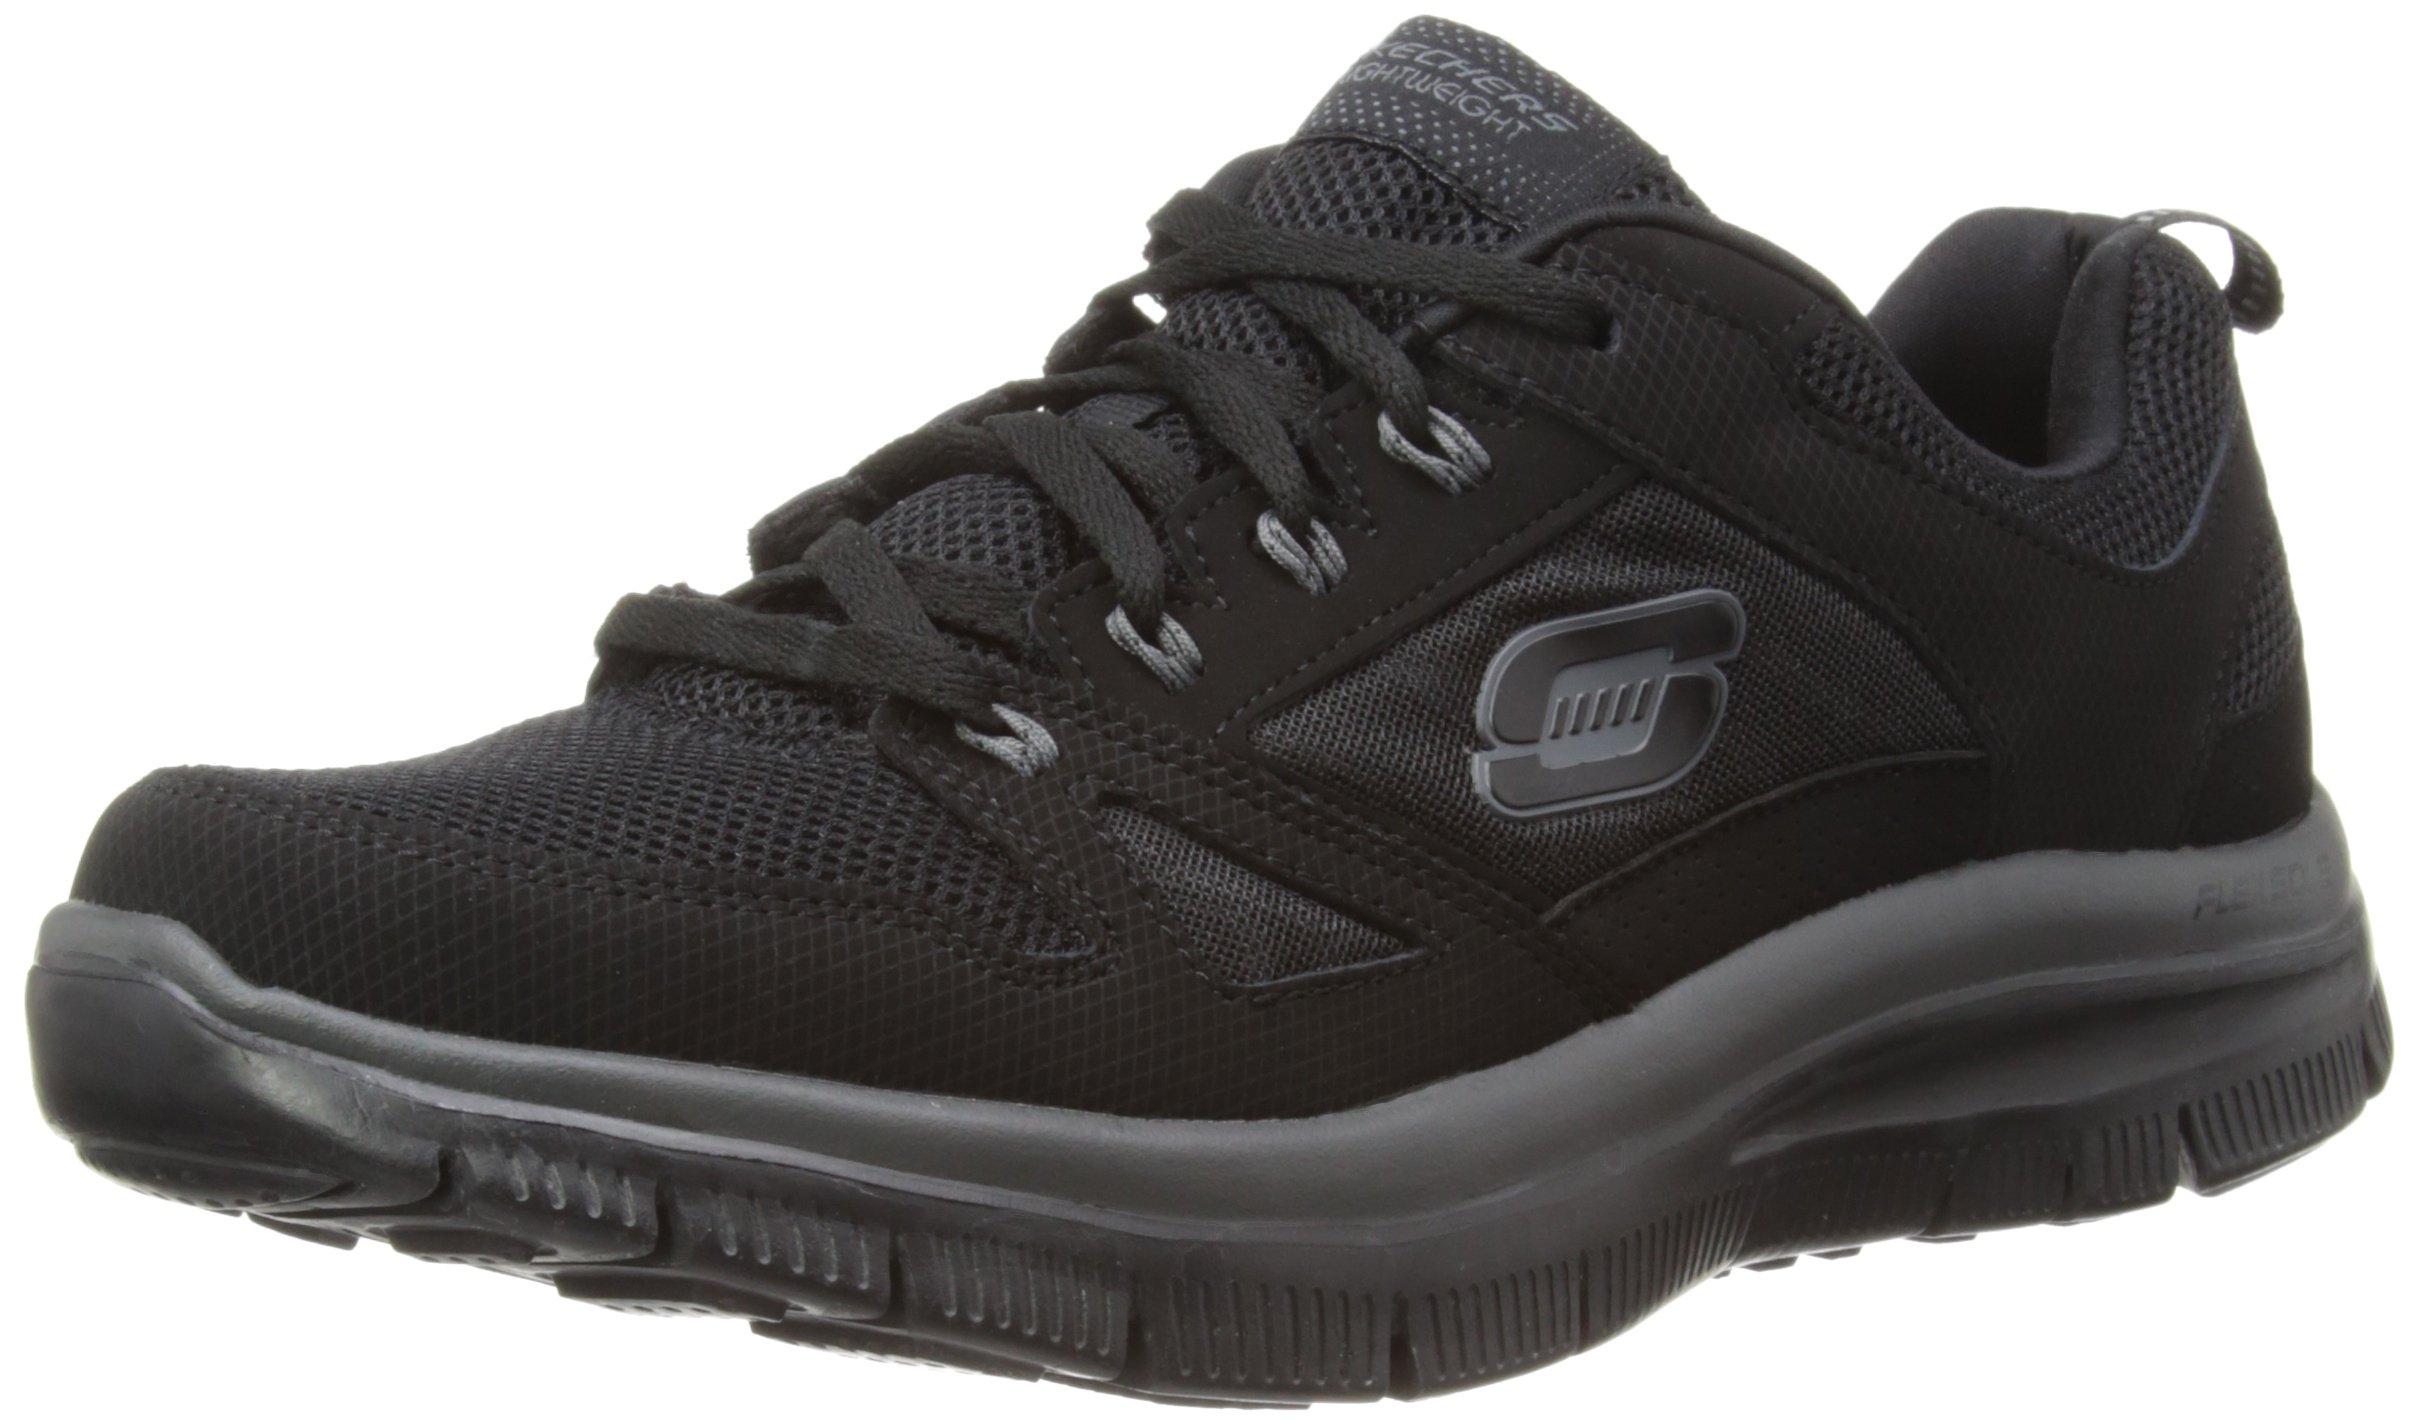 Skechers Men's Flex Advantage Memory Foam Training Shoe,Black,11 M US